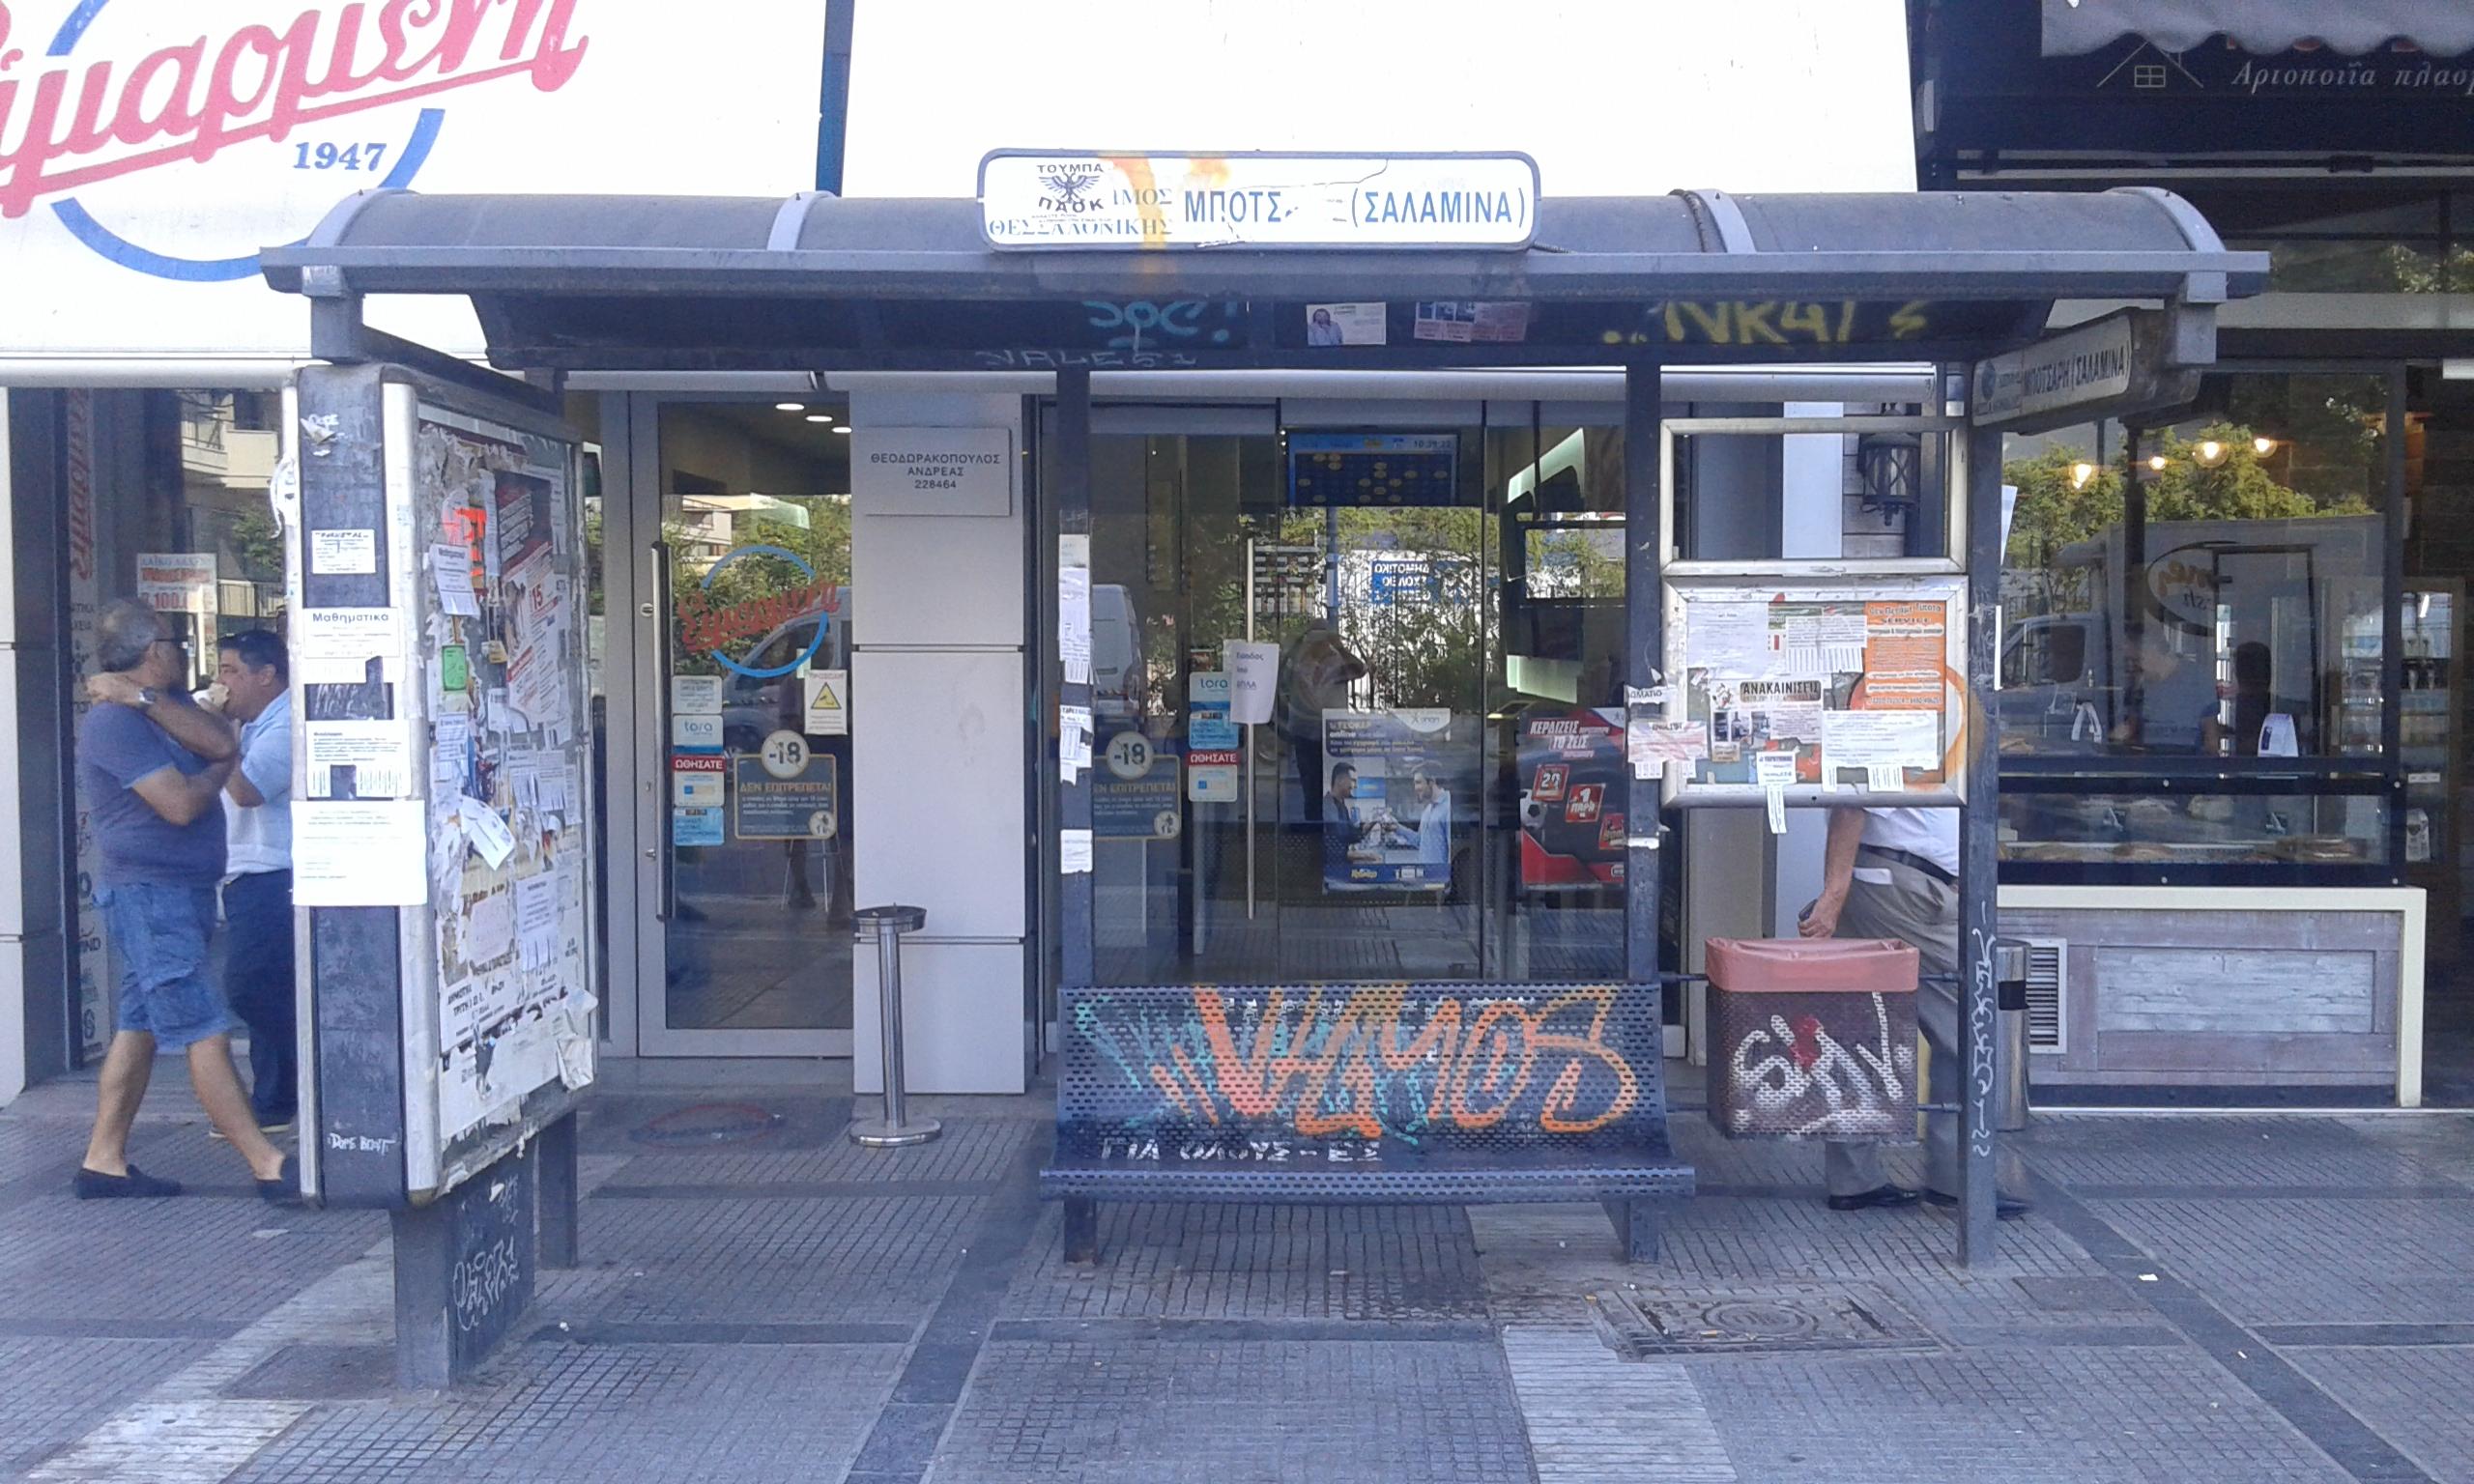 Νέα στέγαστρα, αντάξια μιας σύγχρονης πόλης στον Δήμο Θεσσαλονίκης